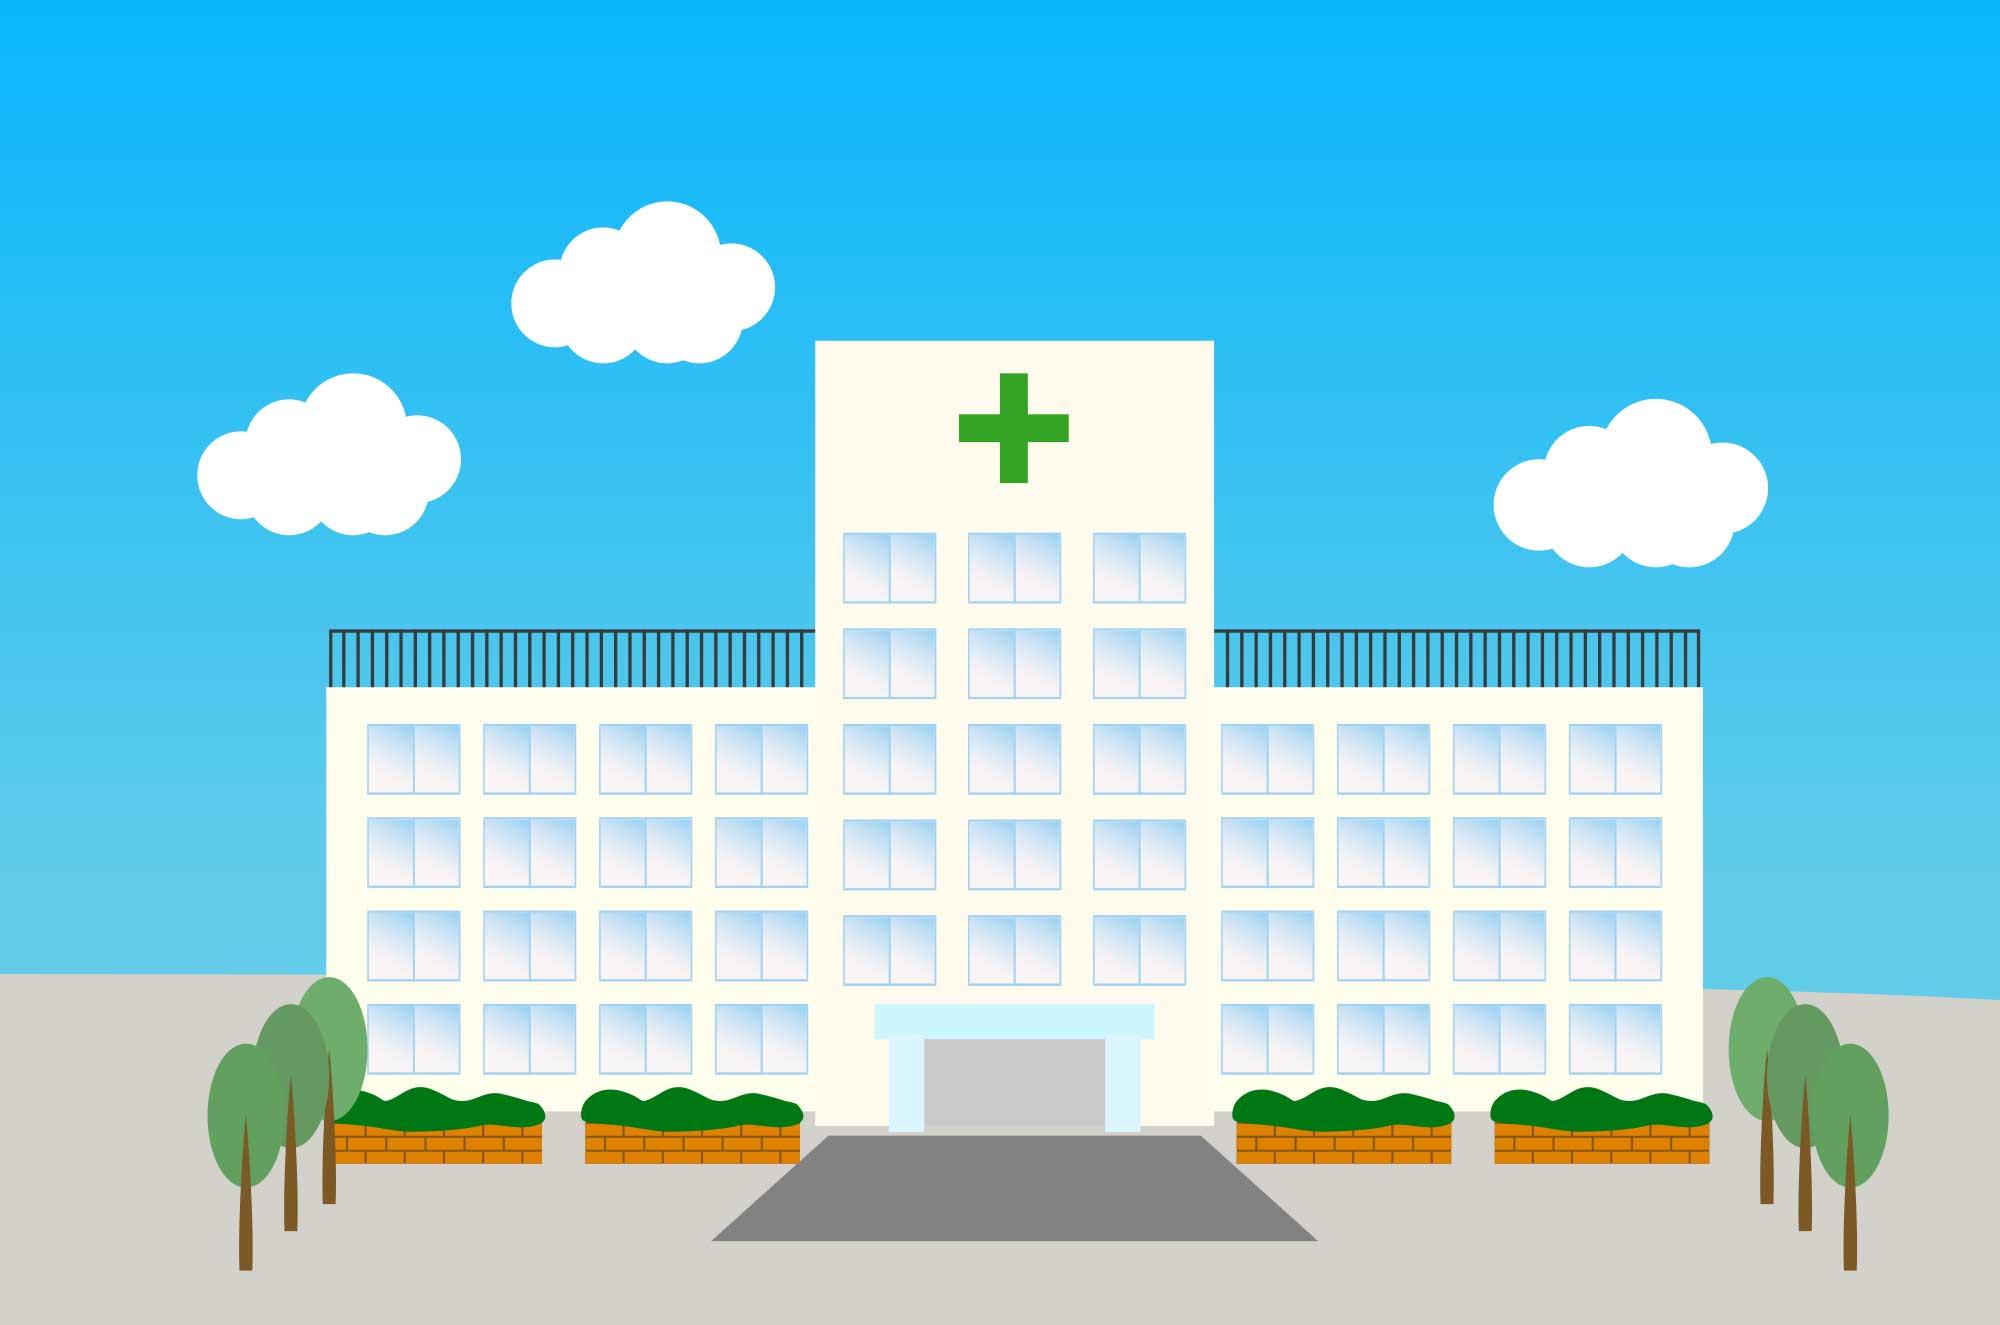 病院の無料イラスト - 建物のイメージ挿絵フリー素材